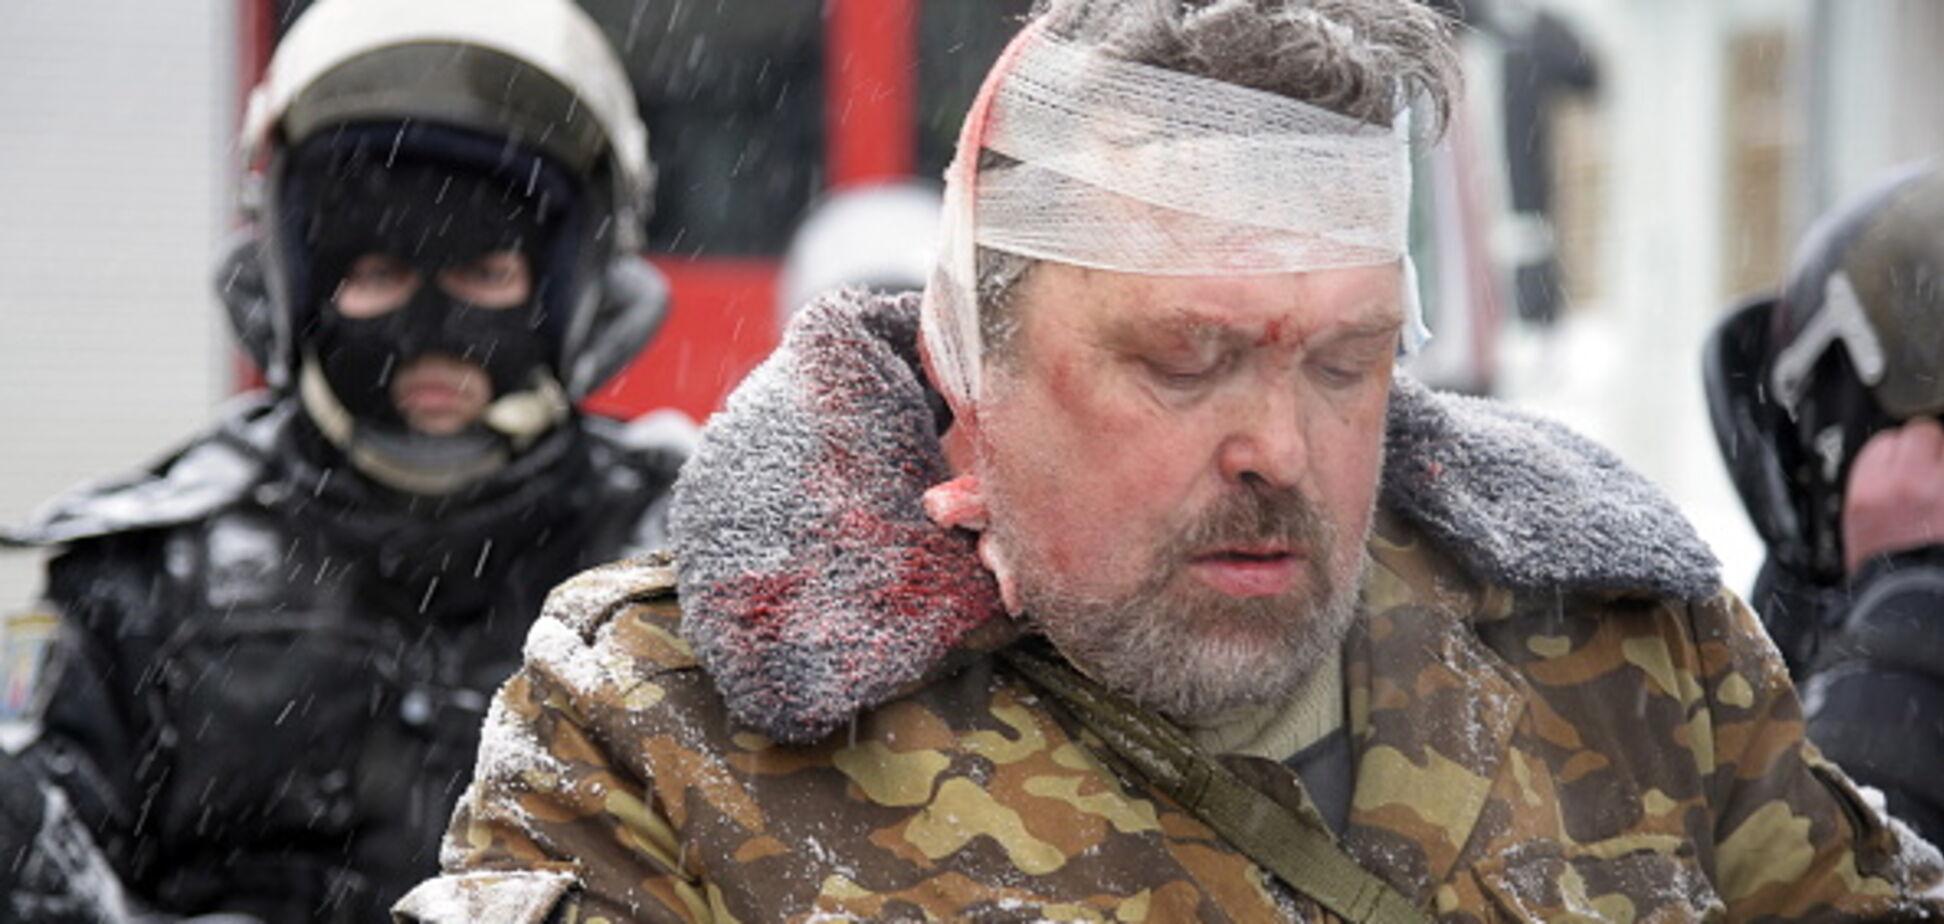 Зачистка під ВР: у Києві пікетували базу колишнього 'Беркута'